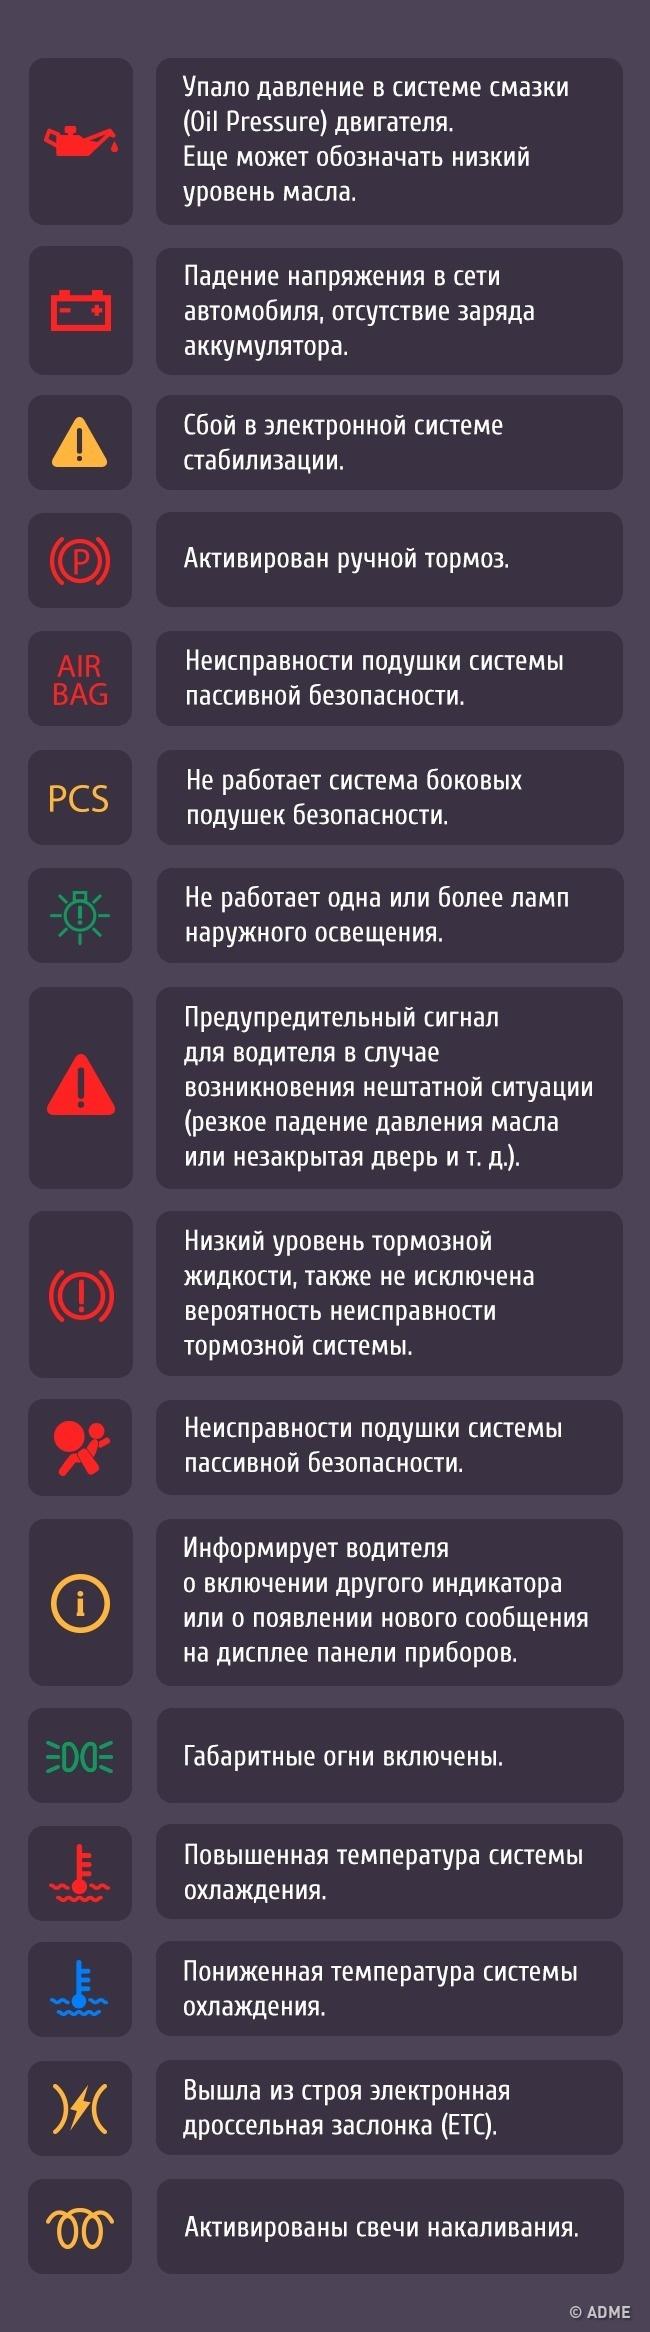 Что означают значки на приборной панели авто 4